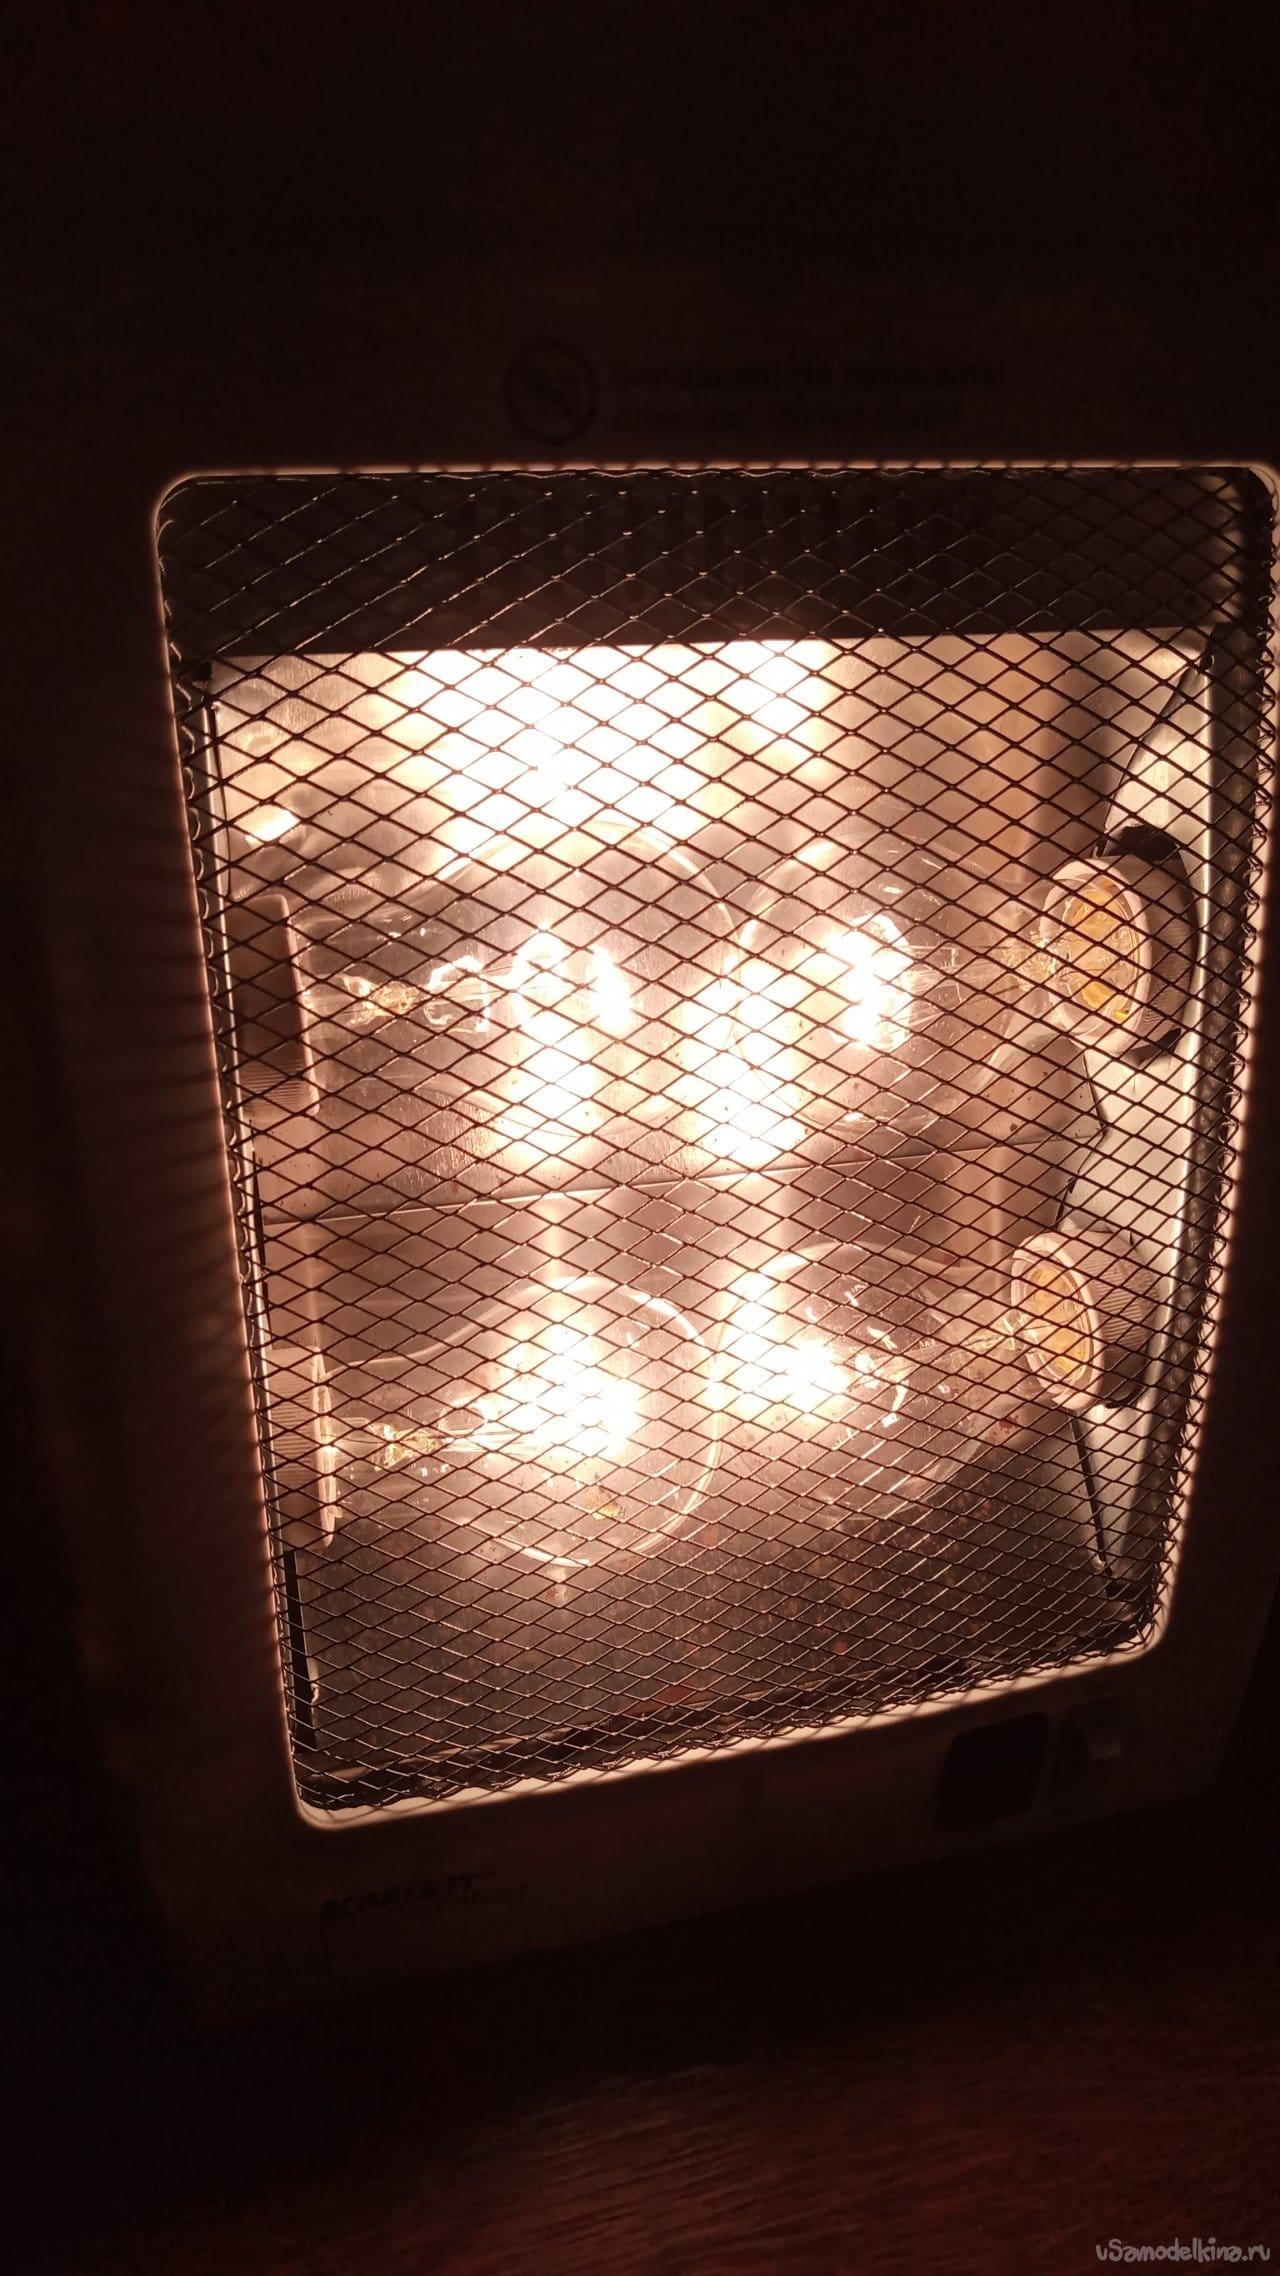 2in1. Infrared hand warmer + spotlight